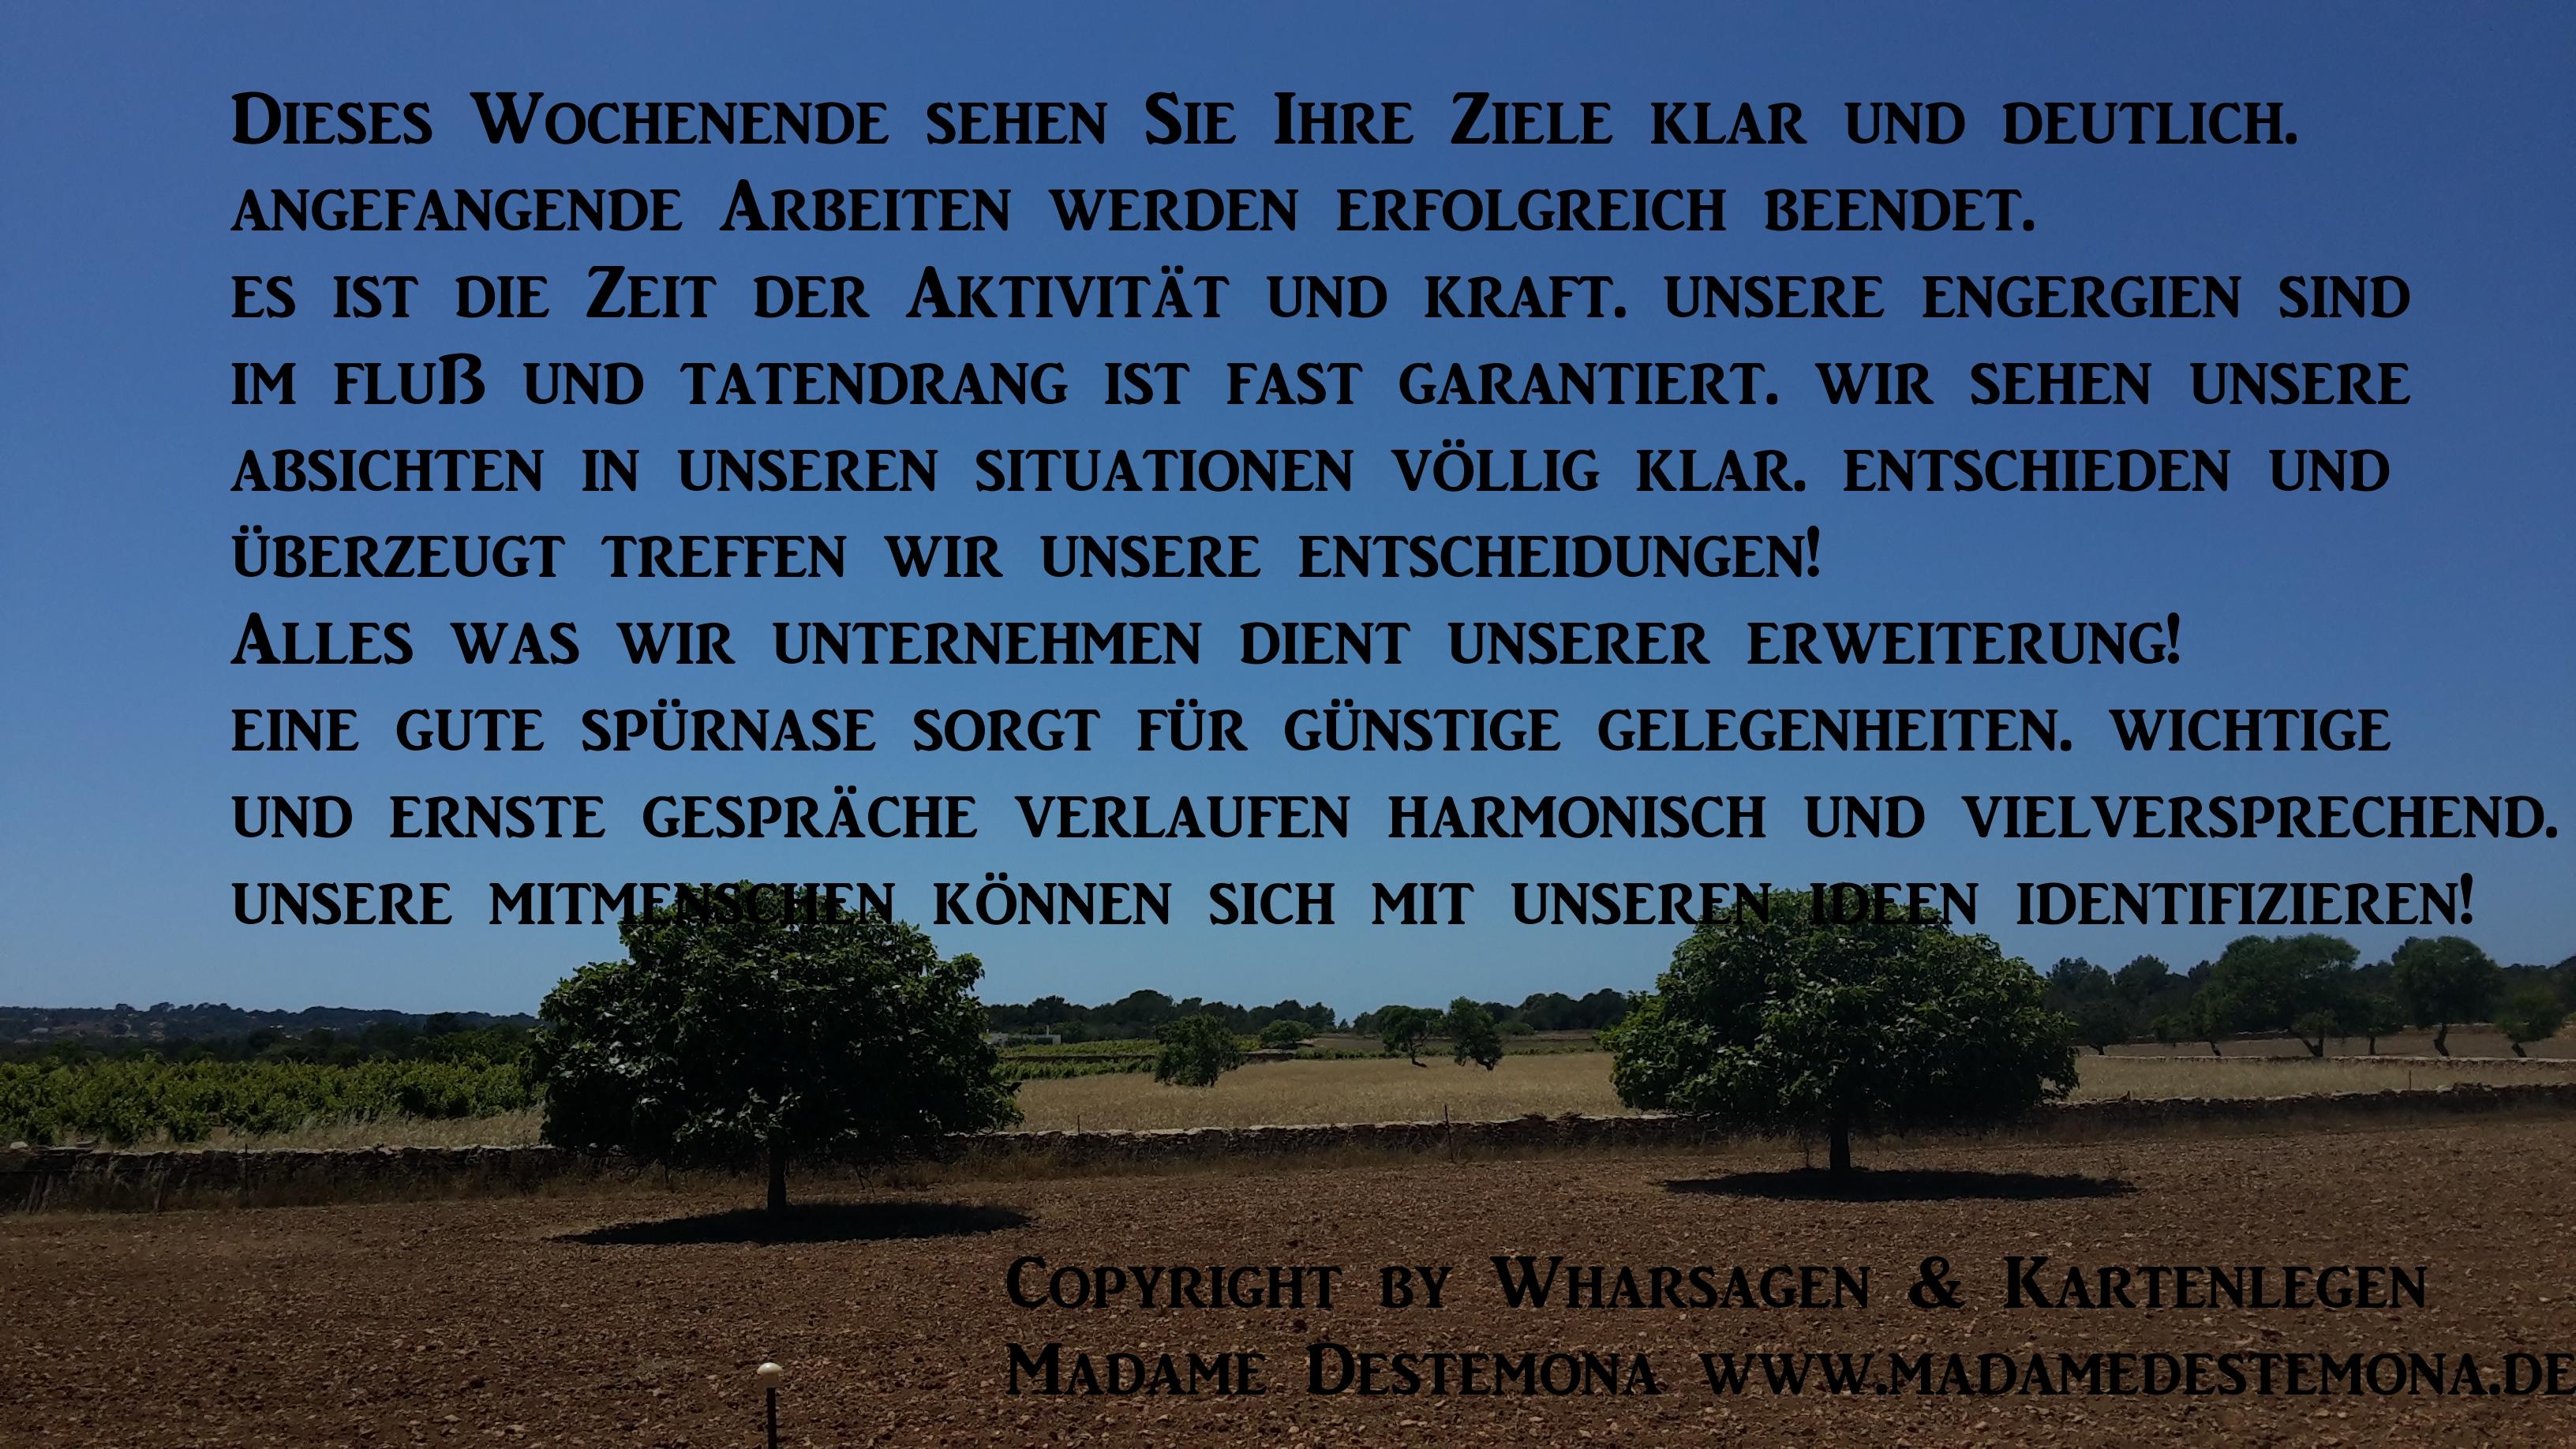 Wahrsagen – Kartenlegen Foto Copyright by Madame